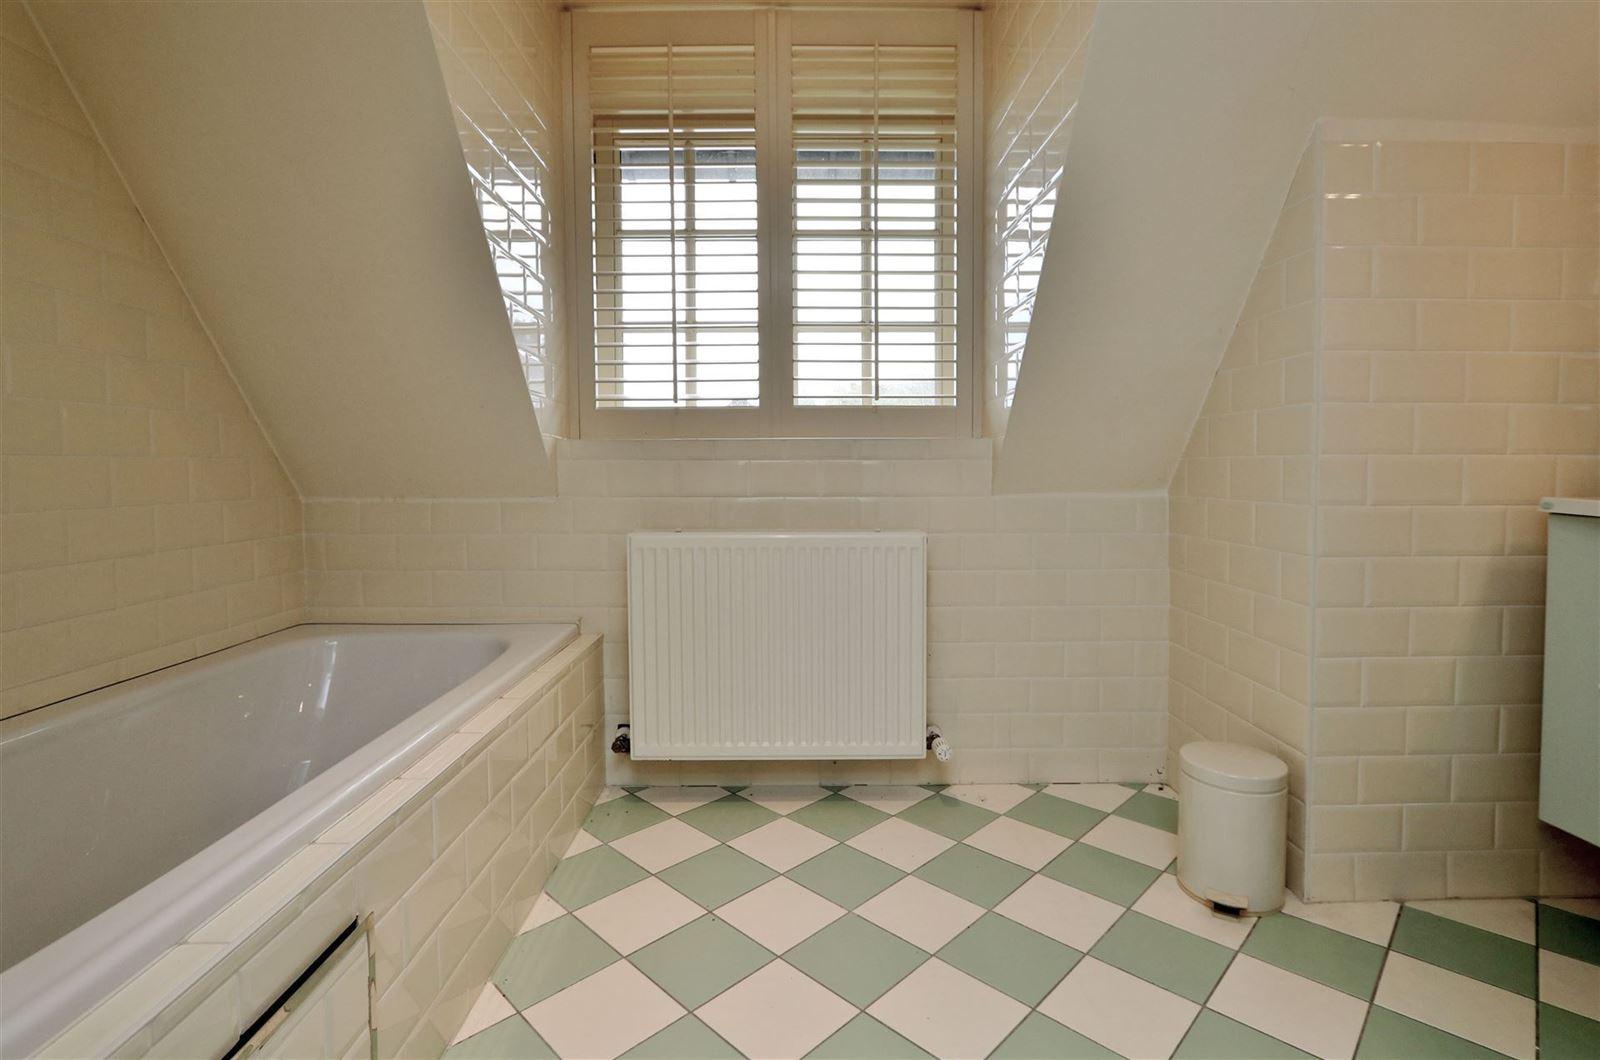 PHOTOS 30 : Maison à 1640 RHODE-SAINT-GENESE (Belgique) - Prix 1.500.000 €